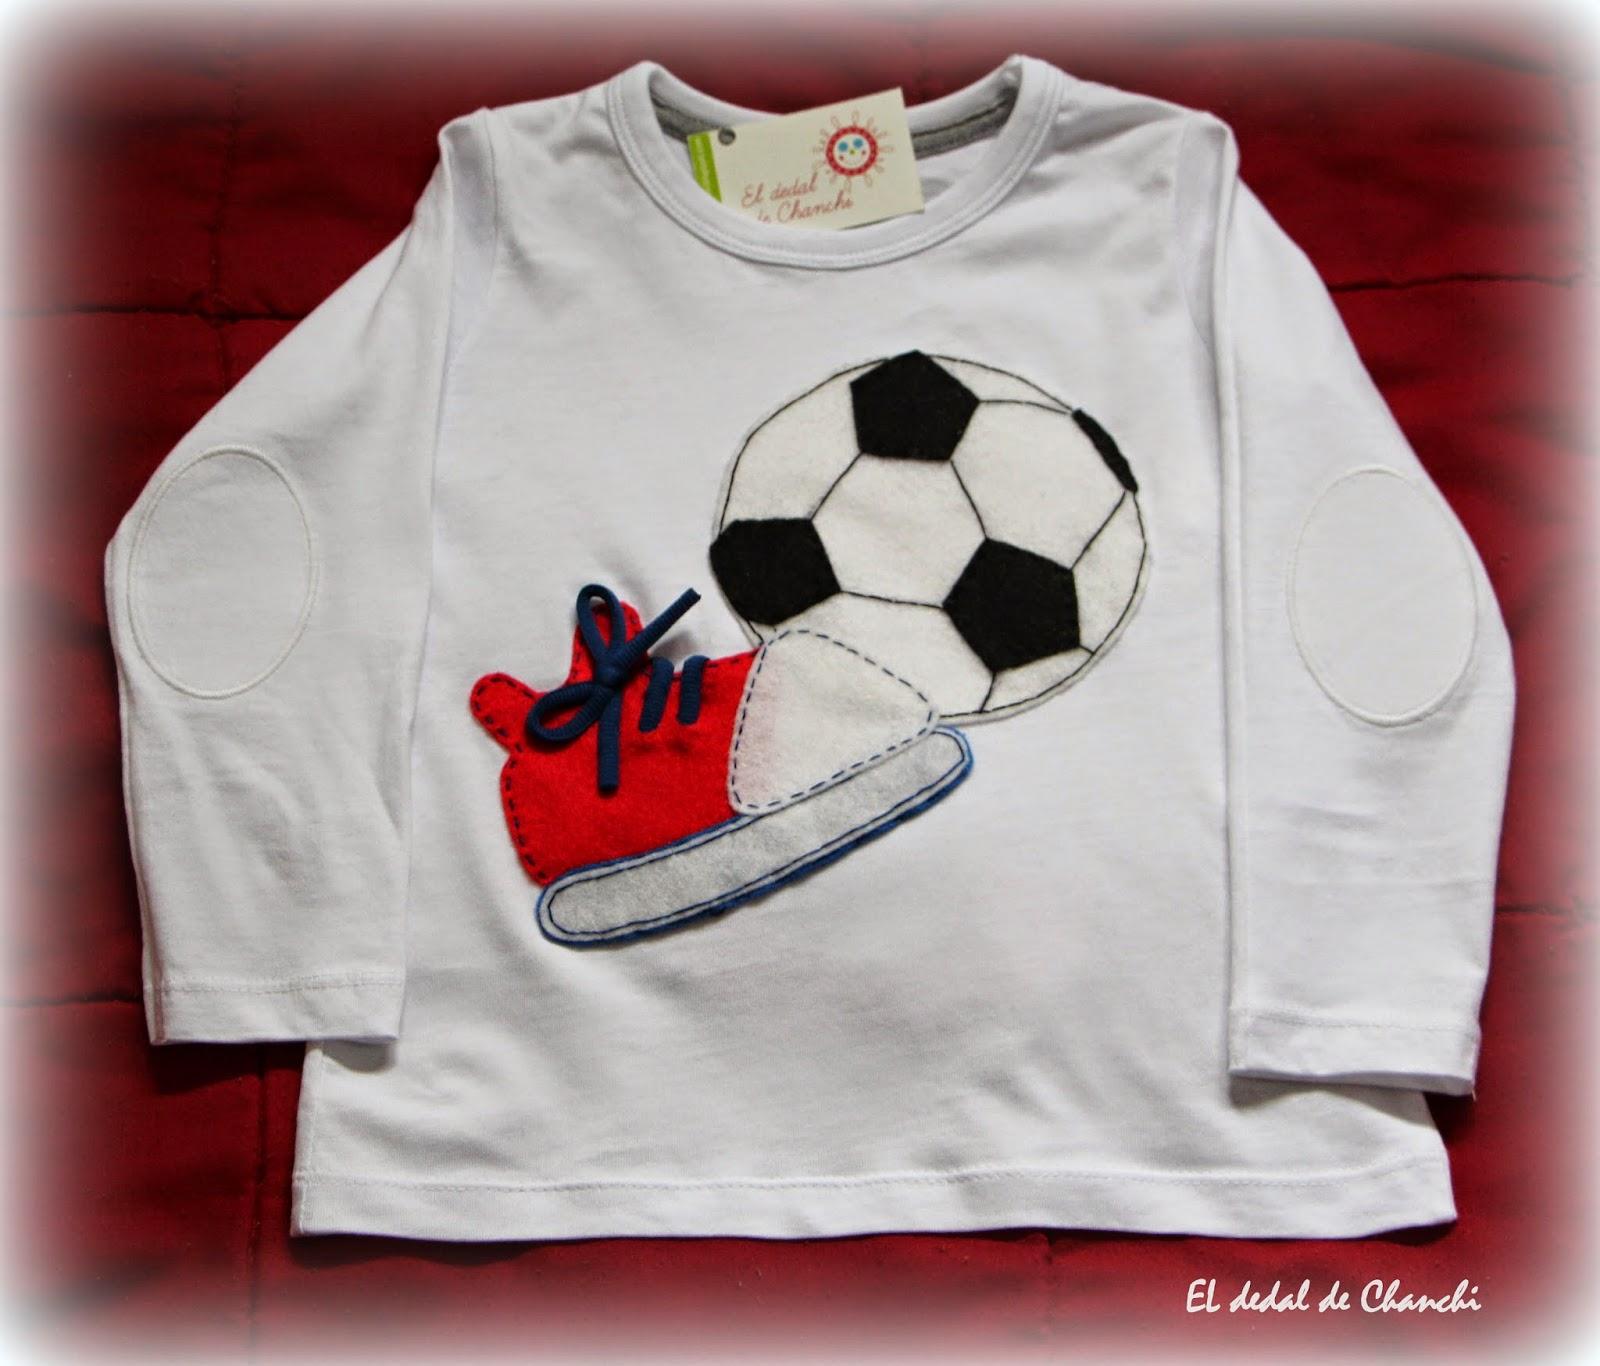 2997ac7d7627a EL DEDAL DE CHANCHI  Camisetas personalizadas de fútbol